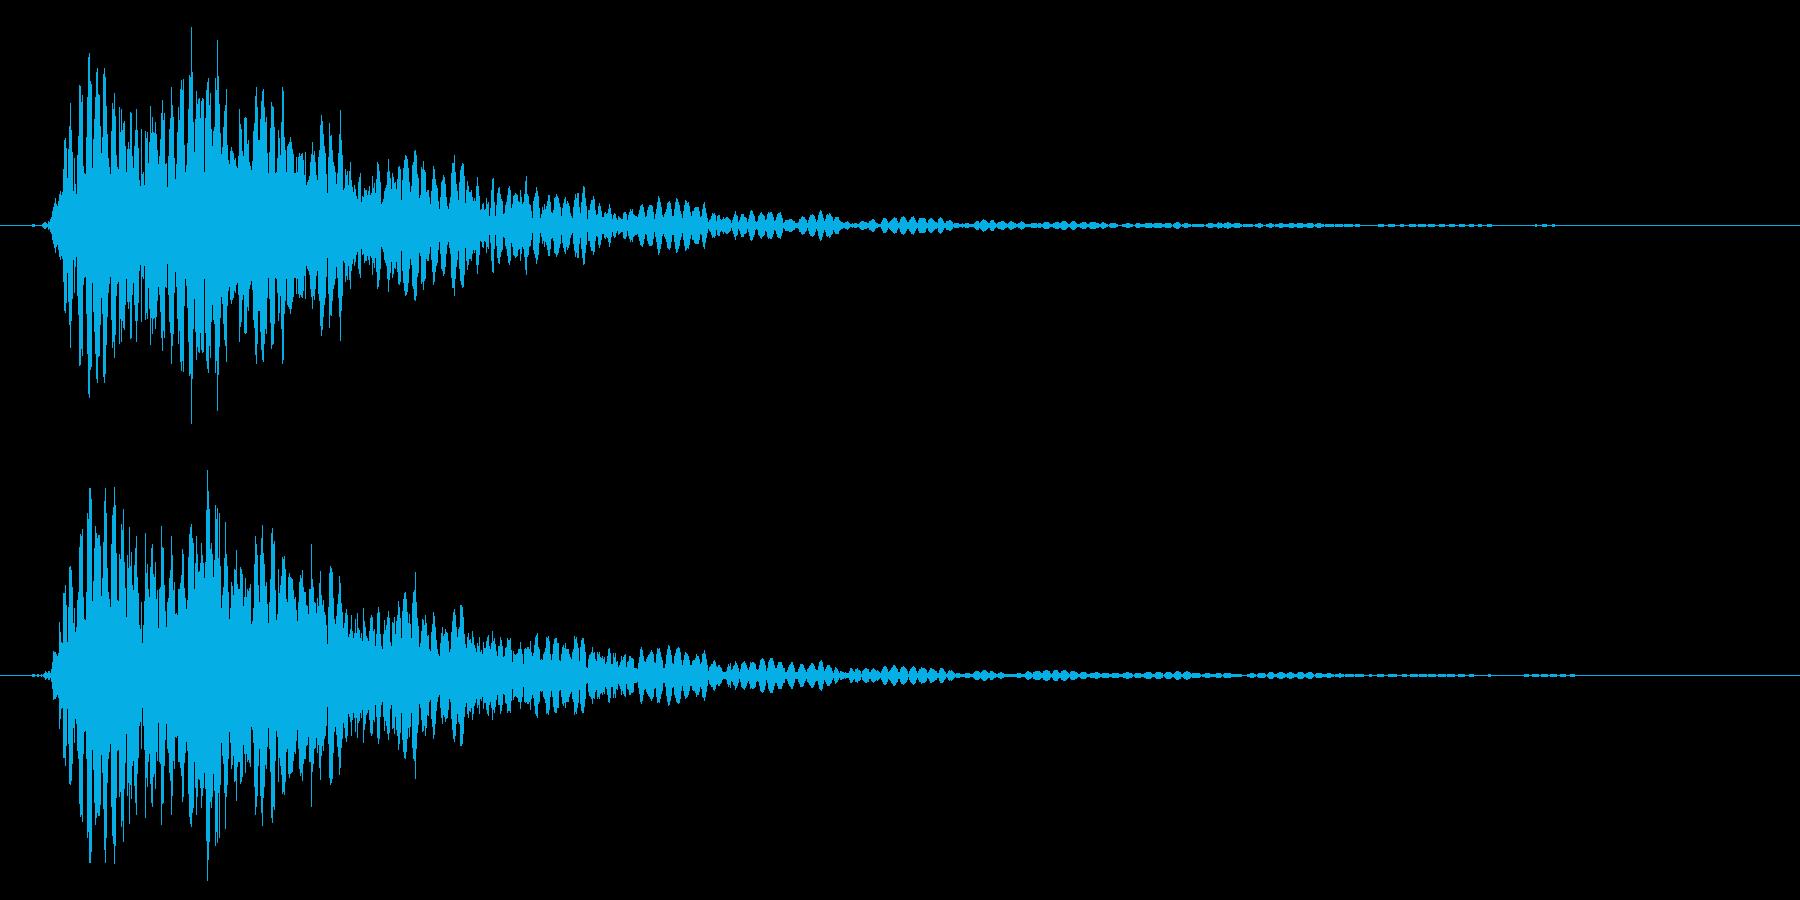 鎖などの金属的な打撃音で重めな音の再生済みの波形